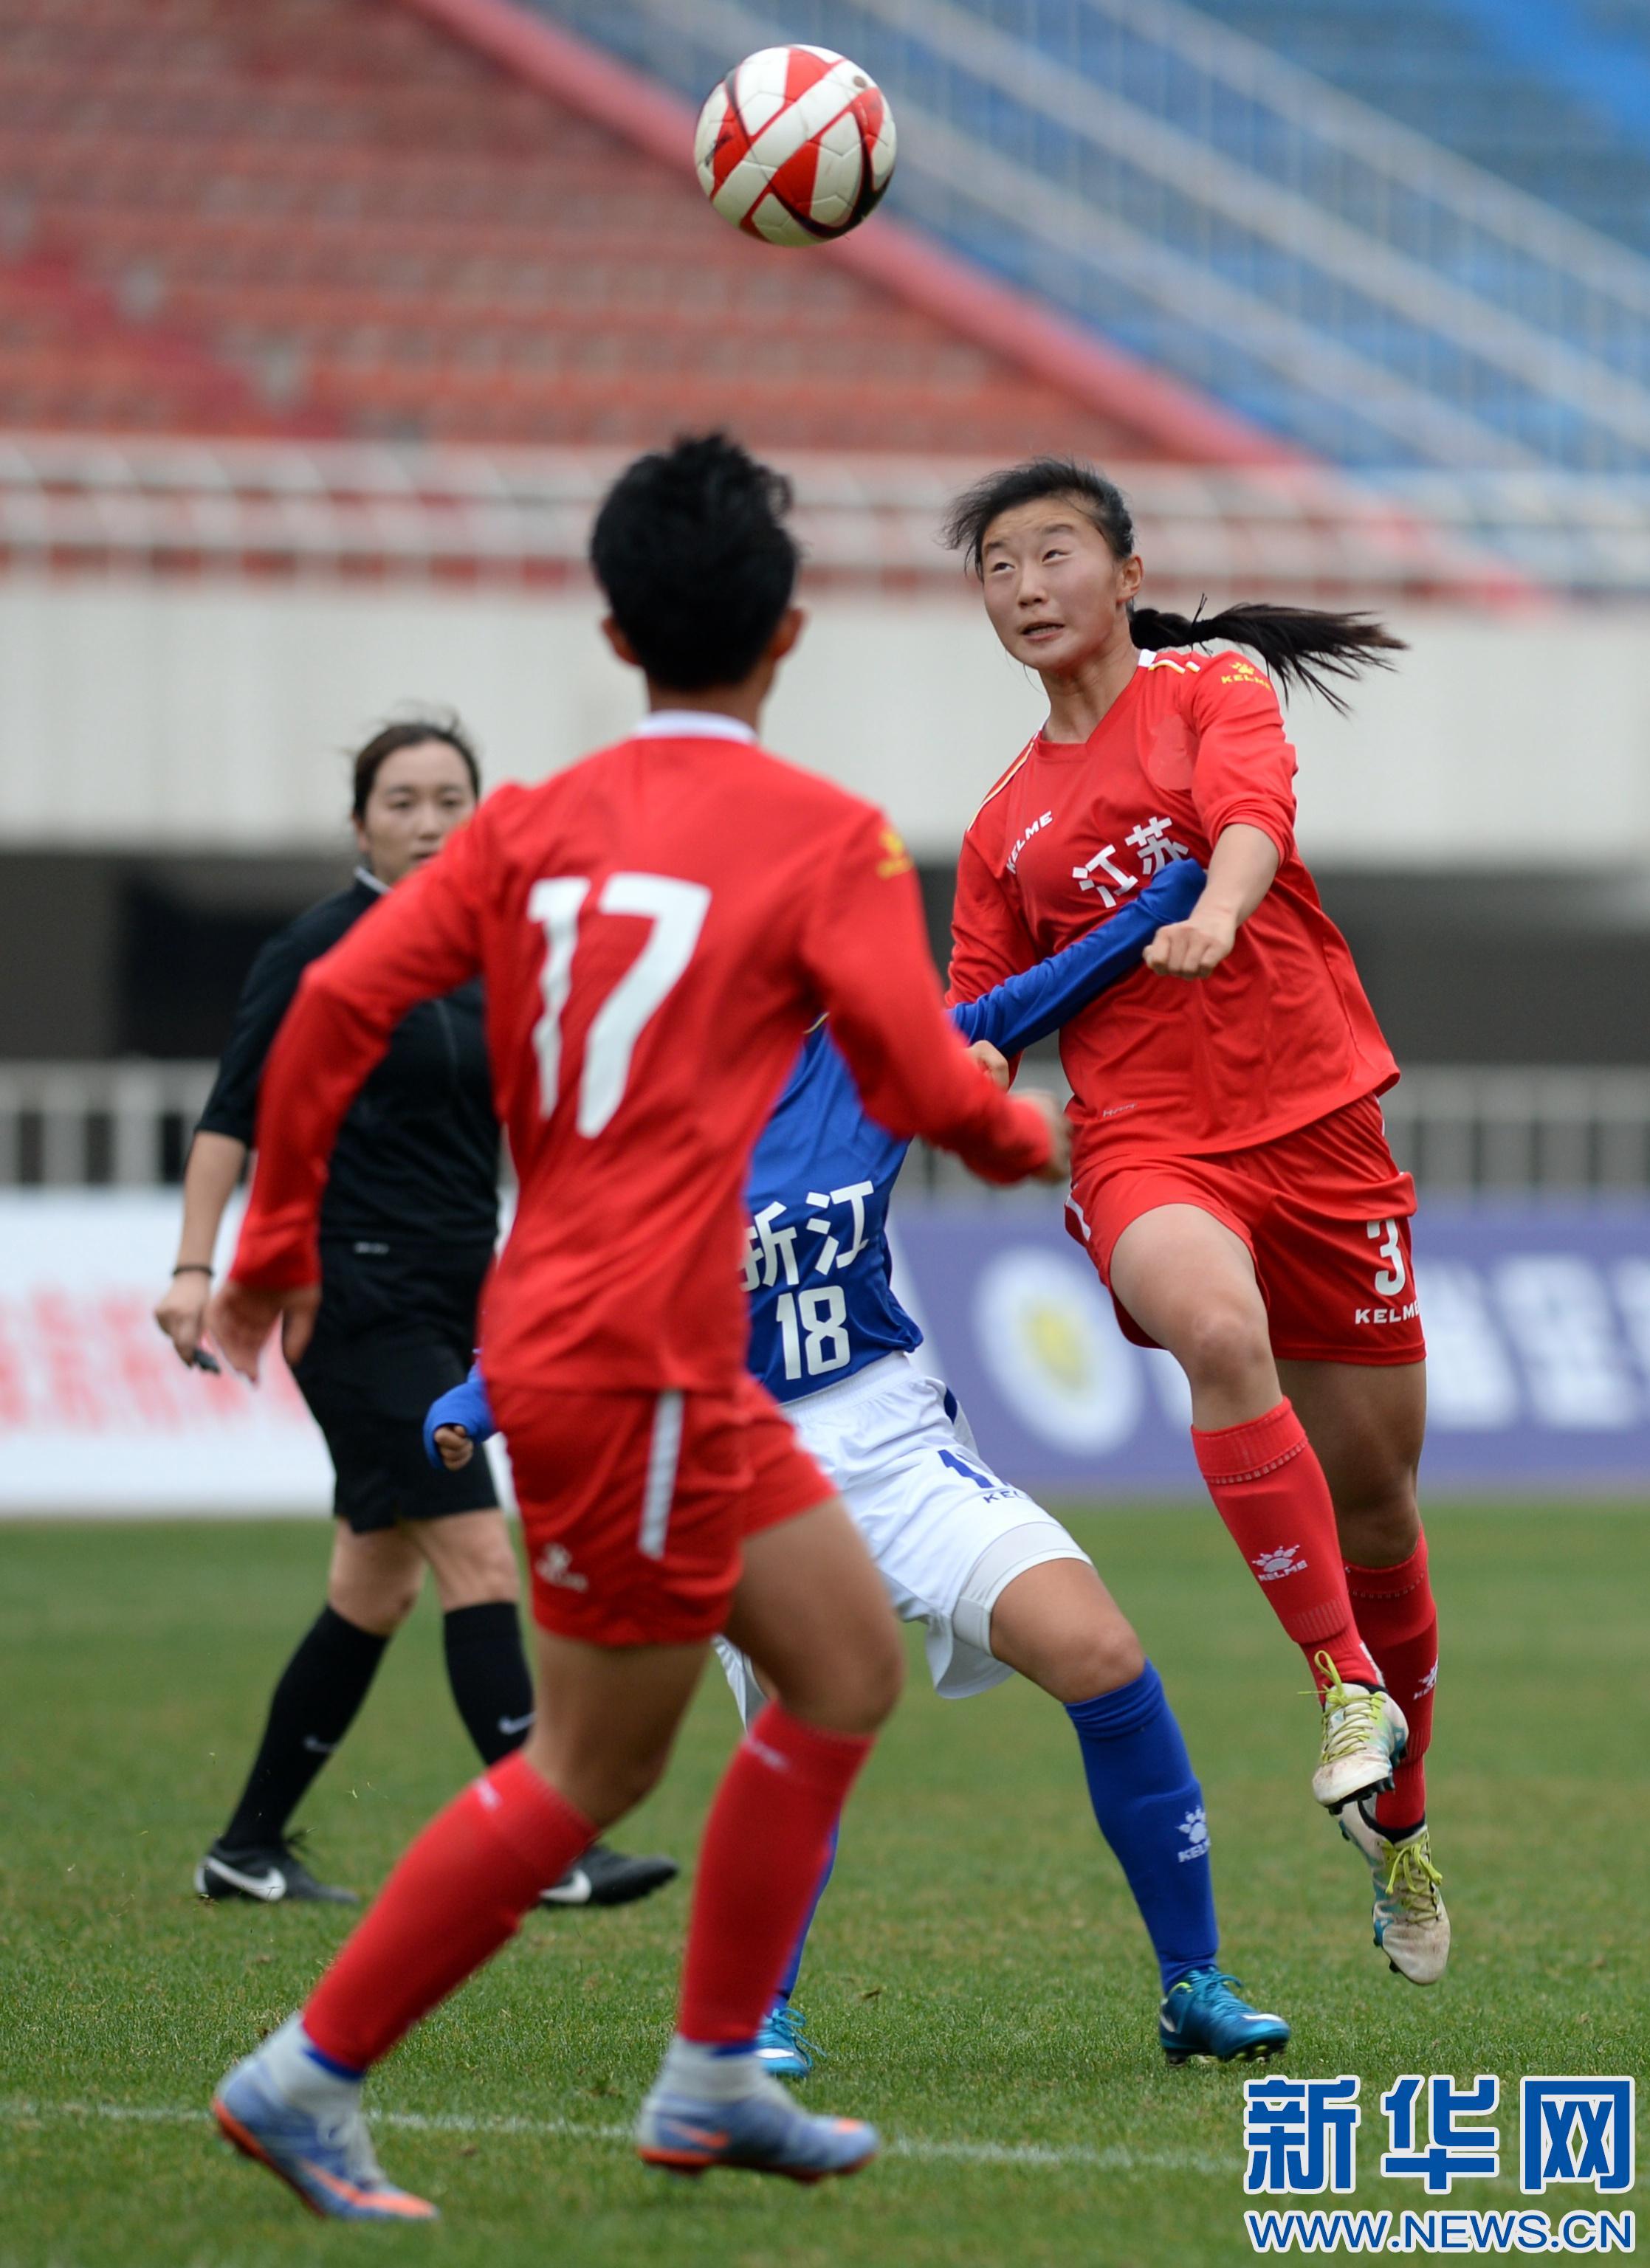 足球——全运会女子足球U18组预赛陕西赛区赛况:江苏胜浙江